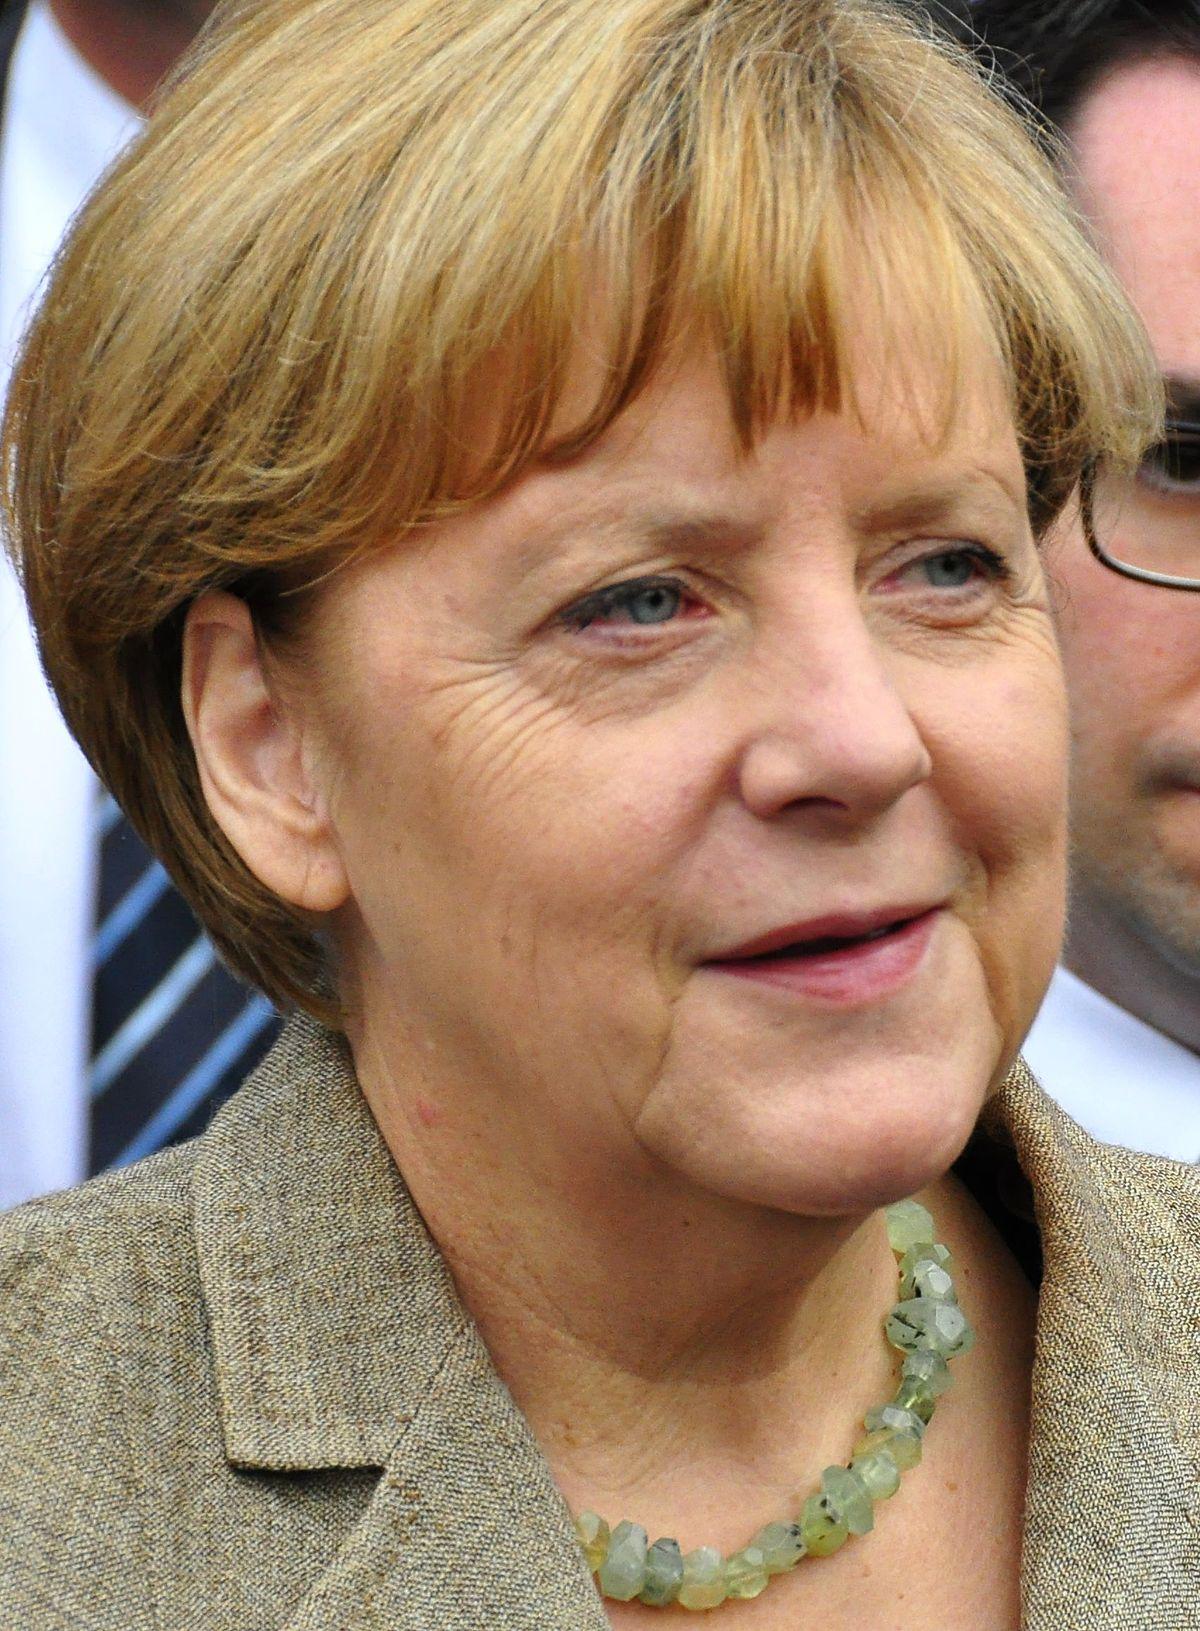 Angela Merkel - Wikipedia